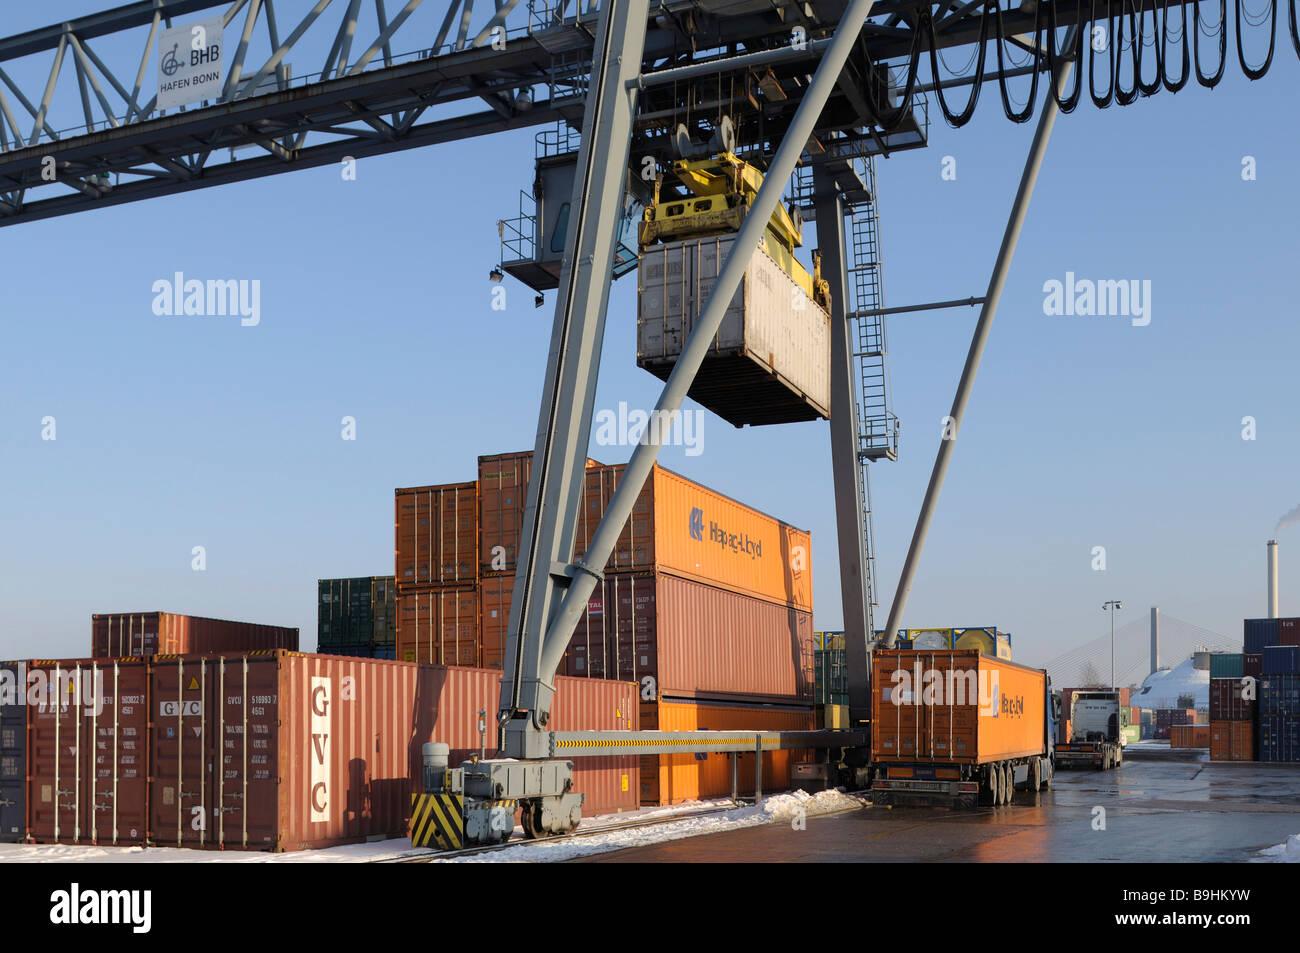 Der Containerumschlag über Portainer am Hafen von Bonn, intermodale Verkehre, North Rhine-Westphalia, Germany, Stockbild